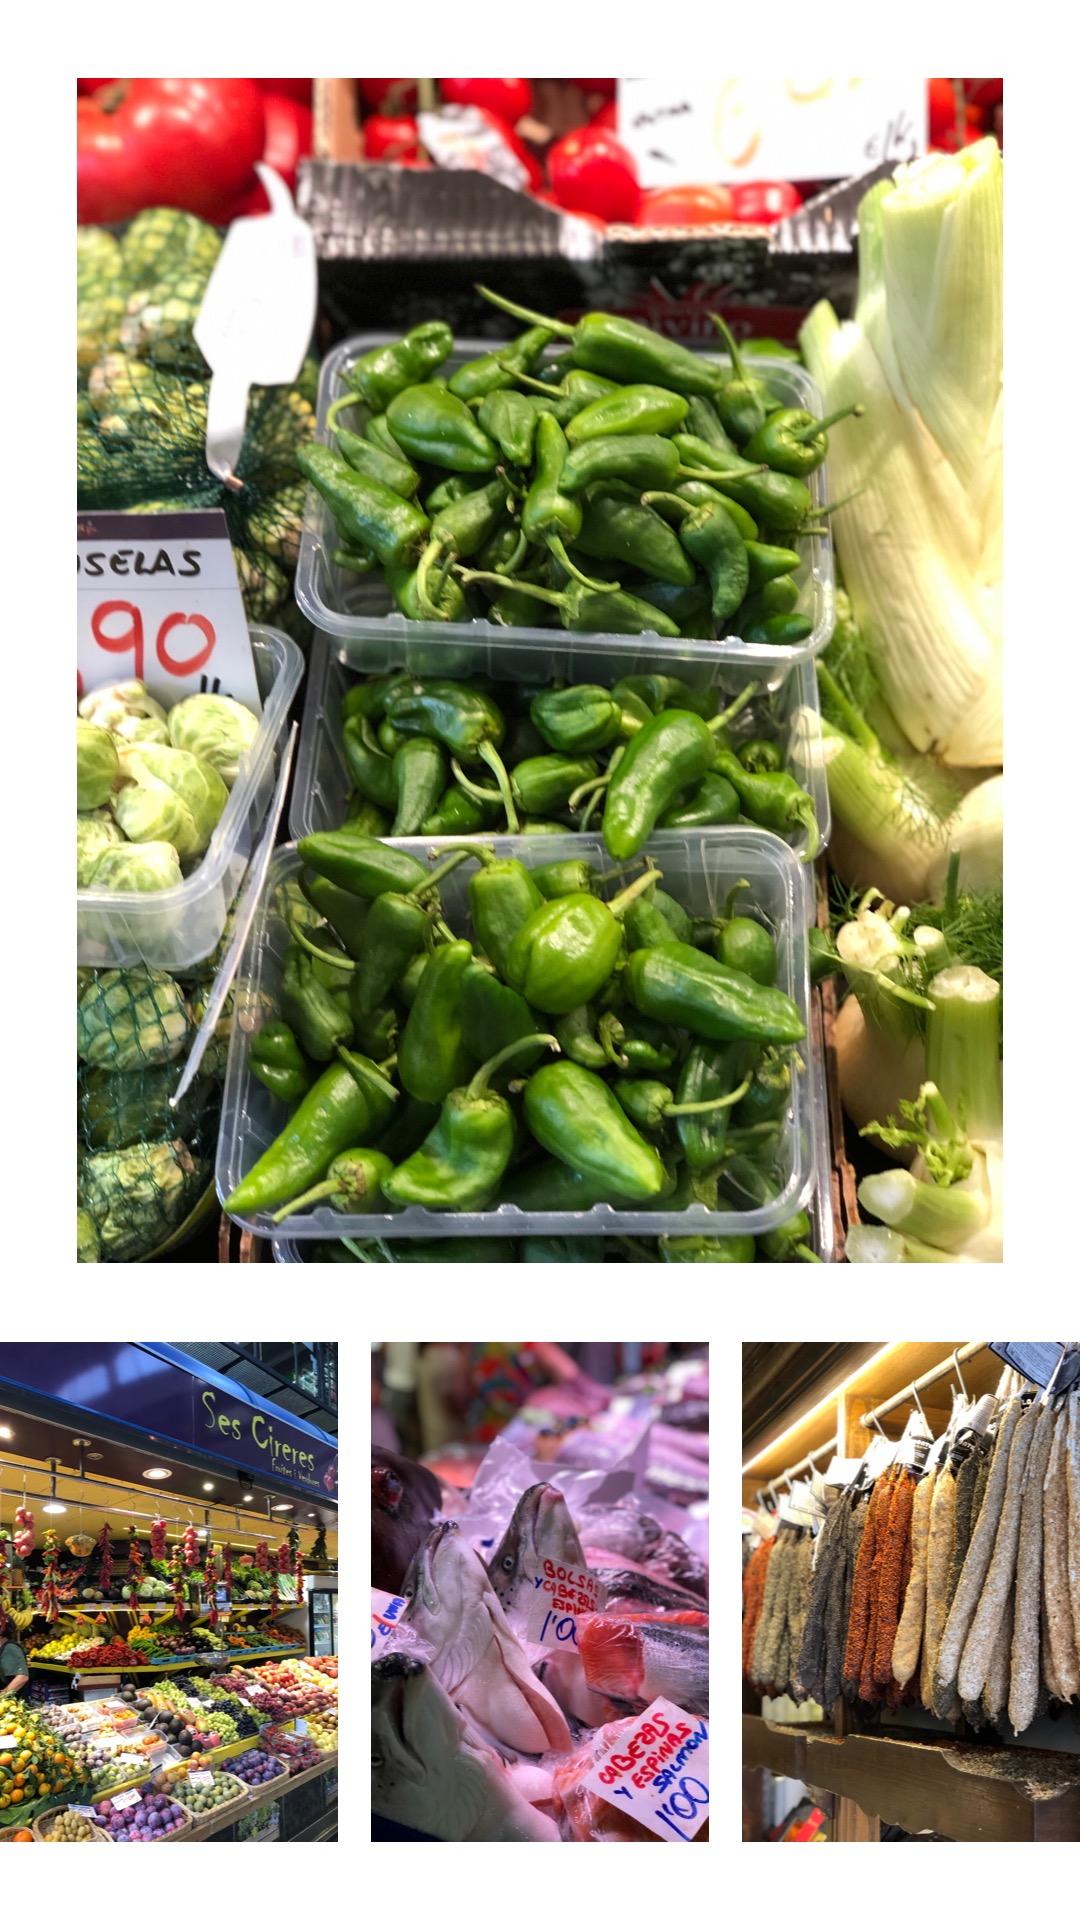 palma mallorca citytrip mercat olivar